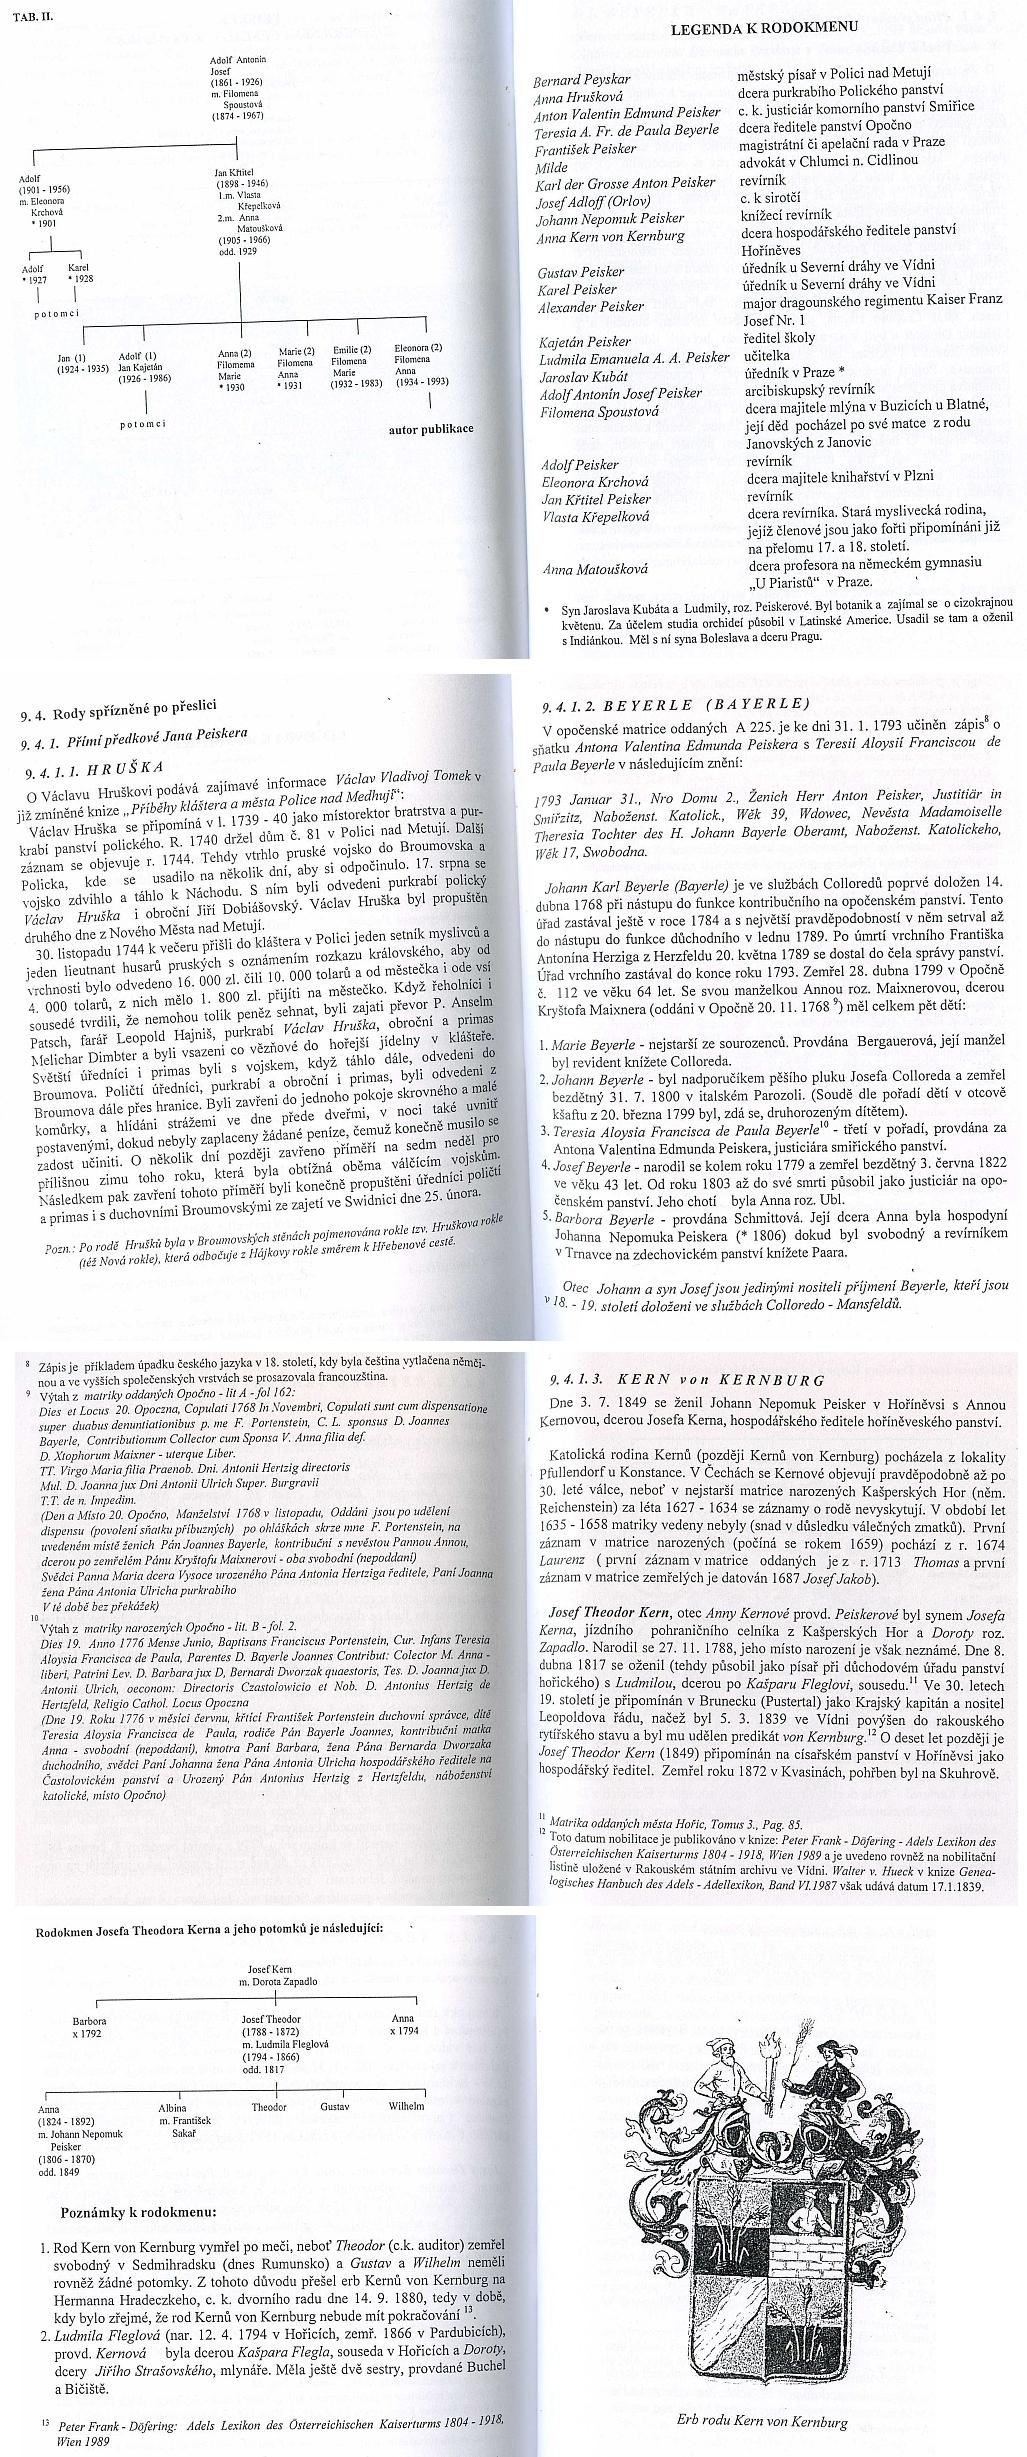 Doplňky k rodokmenu rodu z knihy Miroslava Pavláka Nedokončený zápas o vědeckou pravdu, vydané v Chebu roku 2000